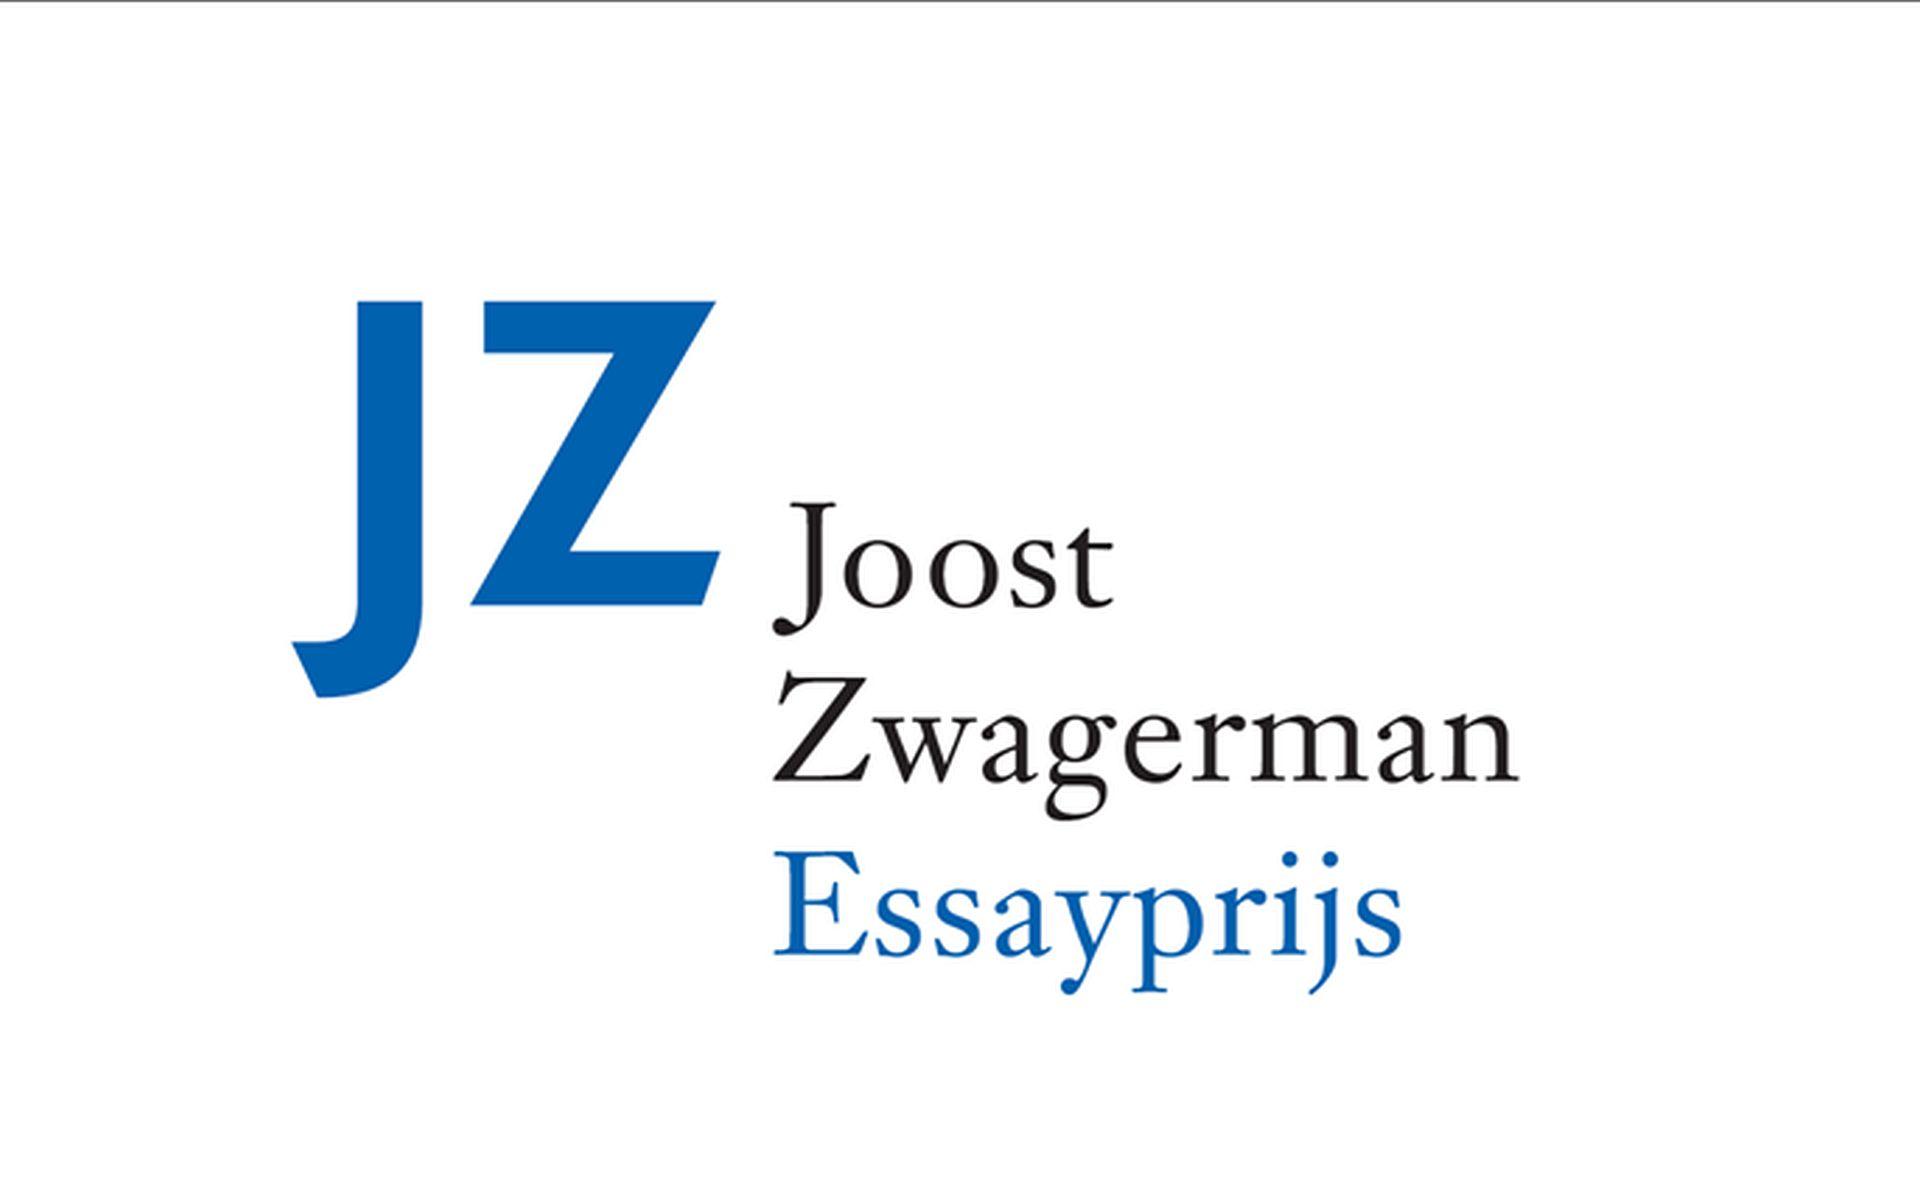 essay joost zwagerman